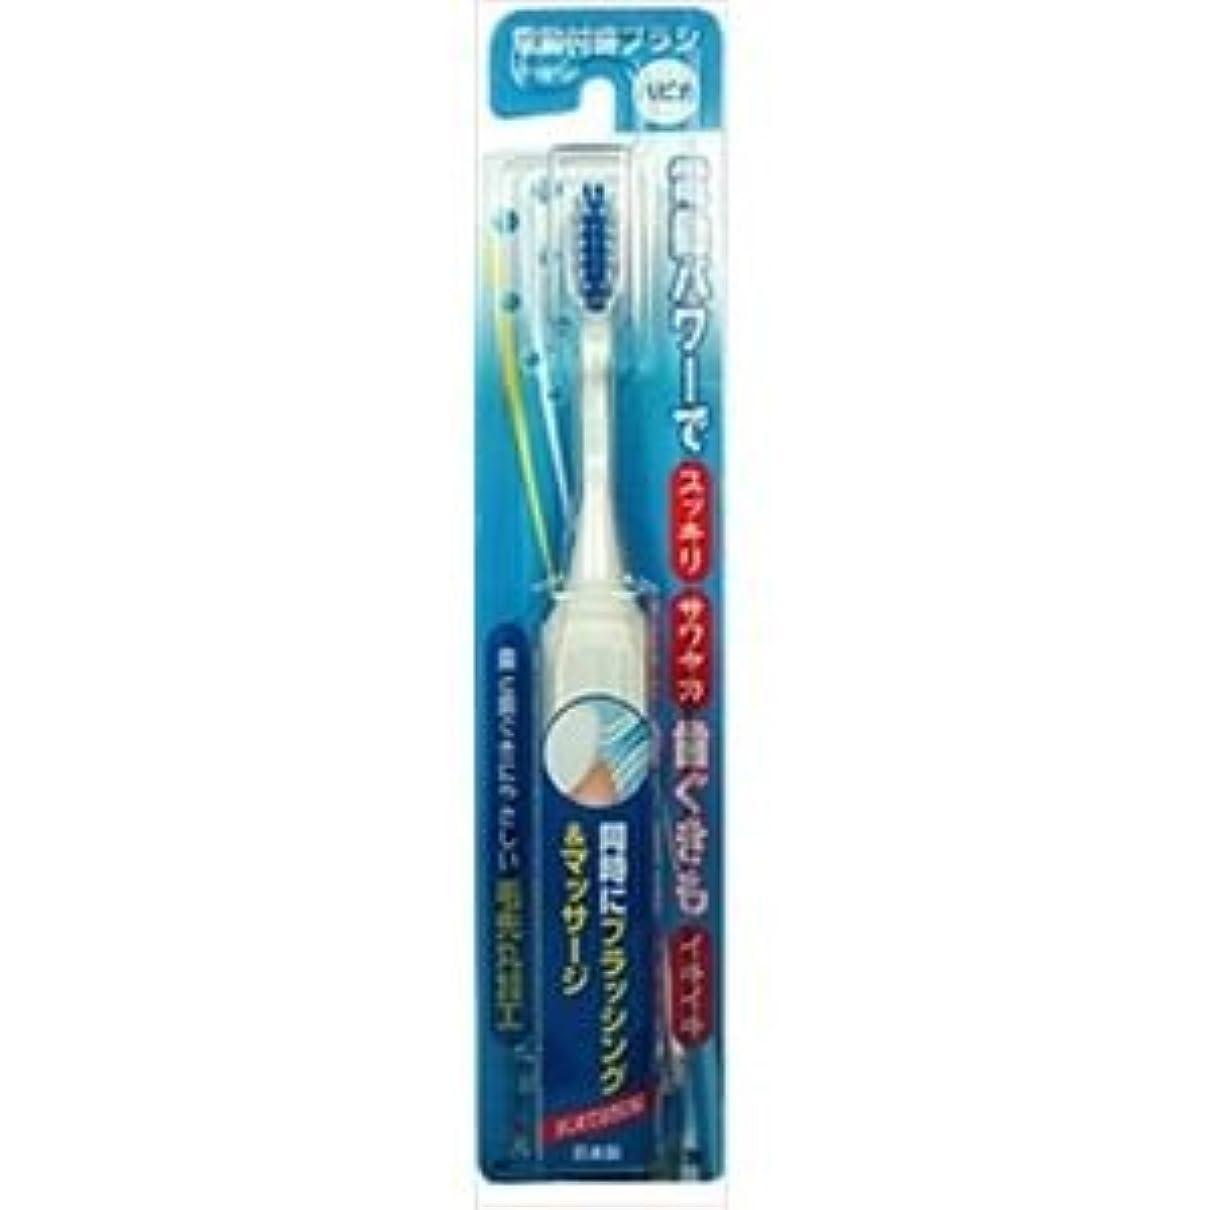 持っている理論的放送(まとめ)ミニマムハピカ電動歯ブラシDB-3W 【×3点セット】